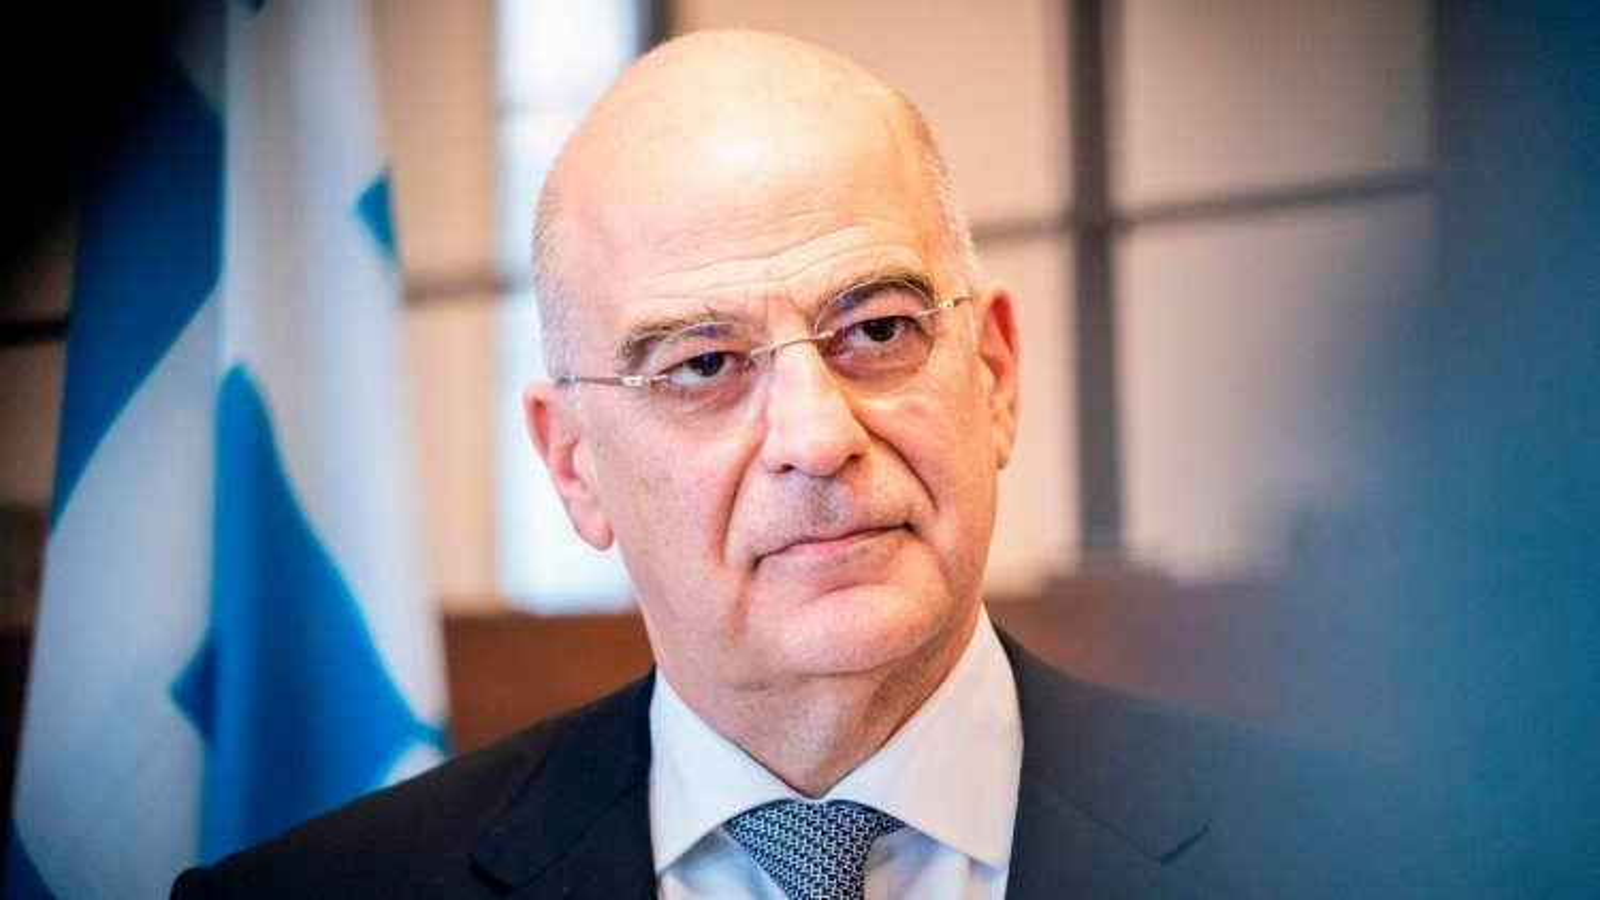 Hy Lạp: EU phản ứng chậm trước sự khiêu khích của Thổ Nhĩ Kỳ ở Đông Địa Trung Hải